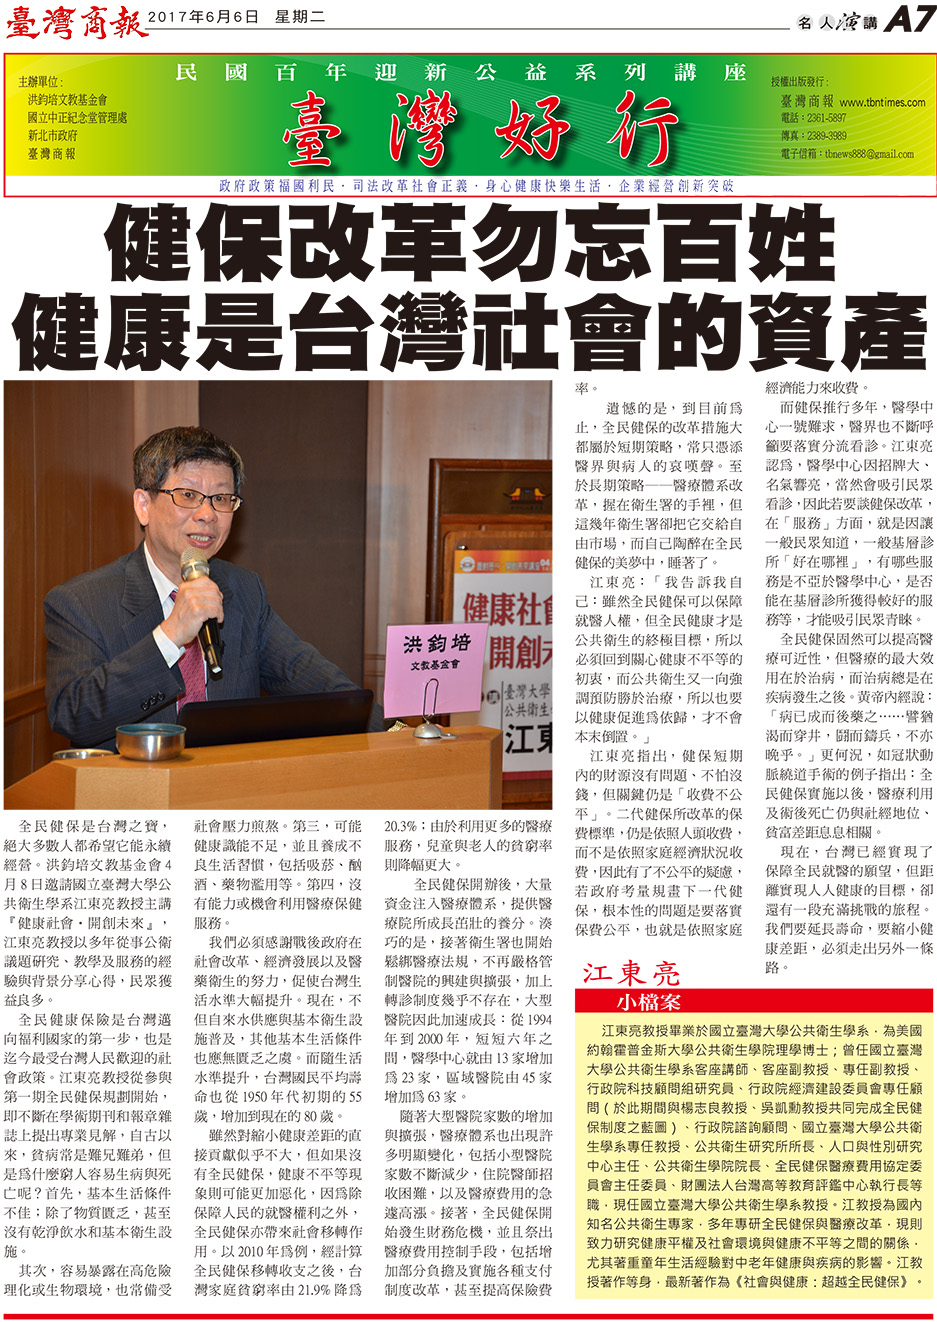 健保改革勿忘百姓 健康是台灣社會的資產